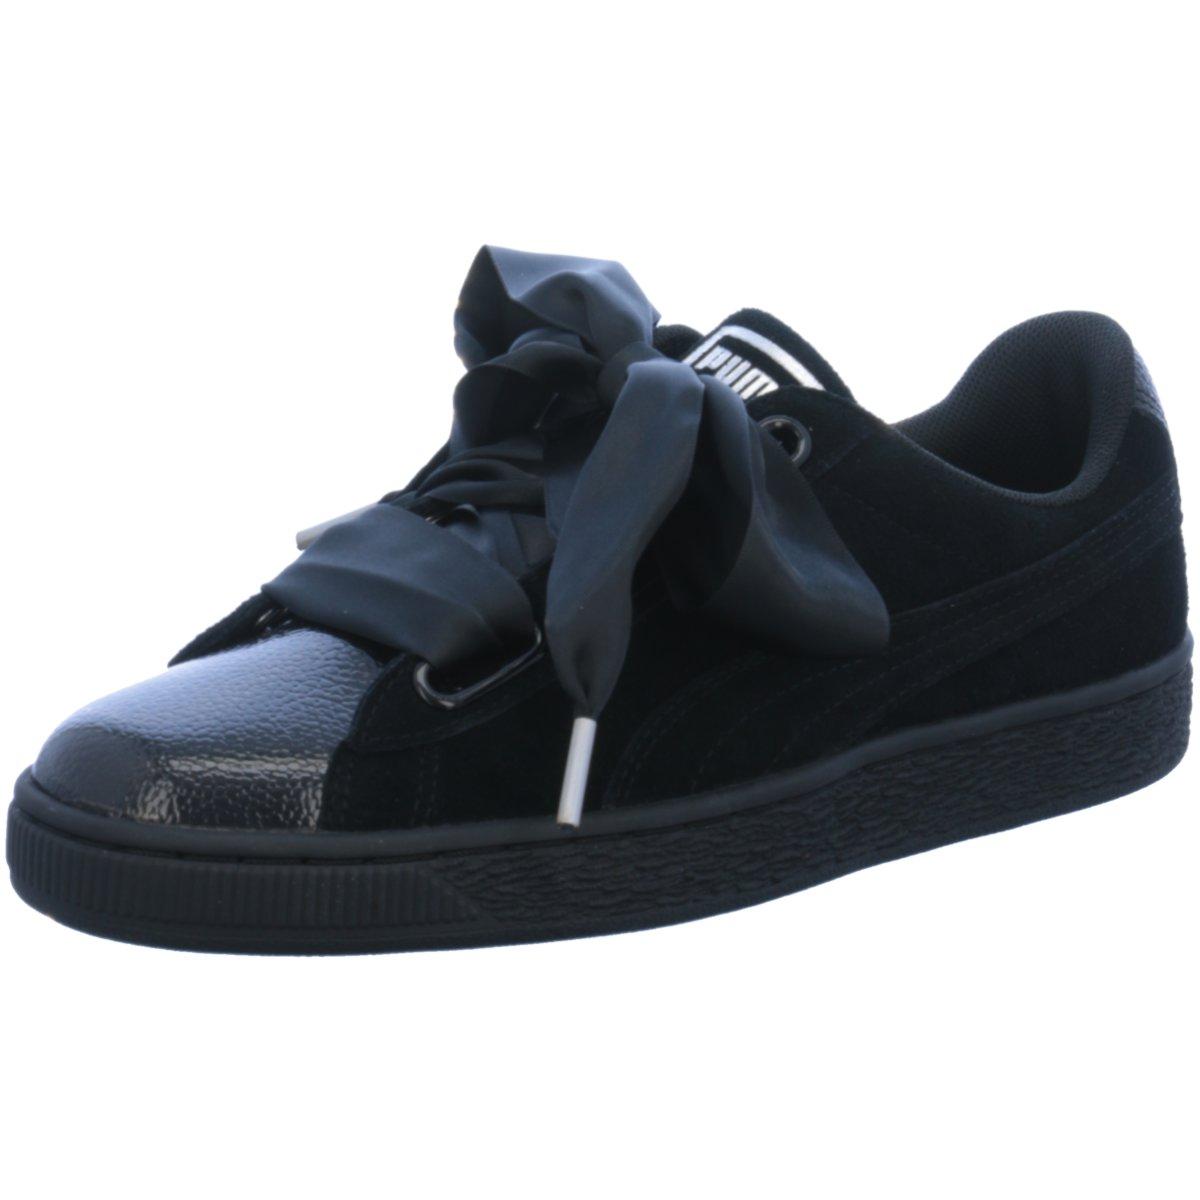 NEU Puma Damen Sneaker Suede Heart black 366441/001 schwarz 413829